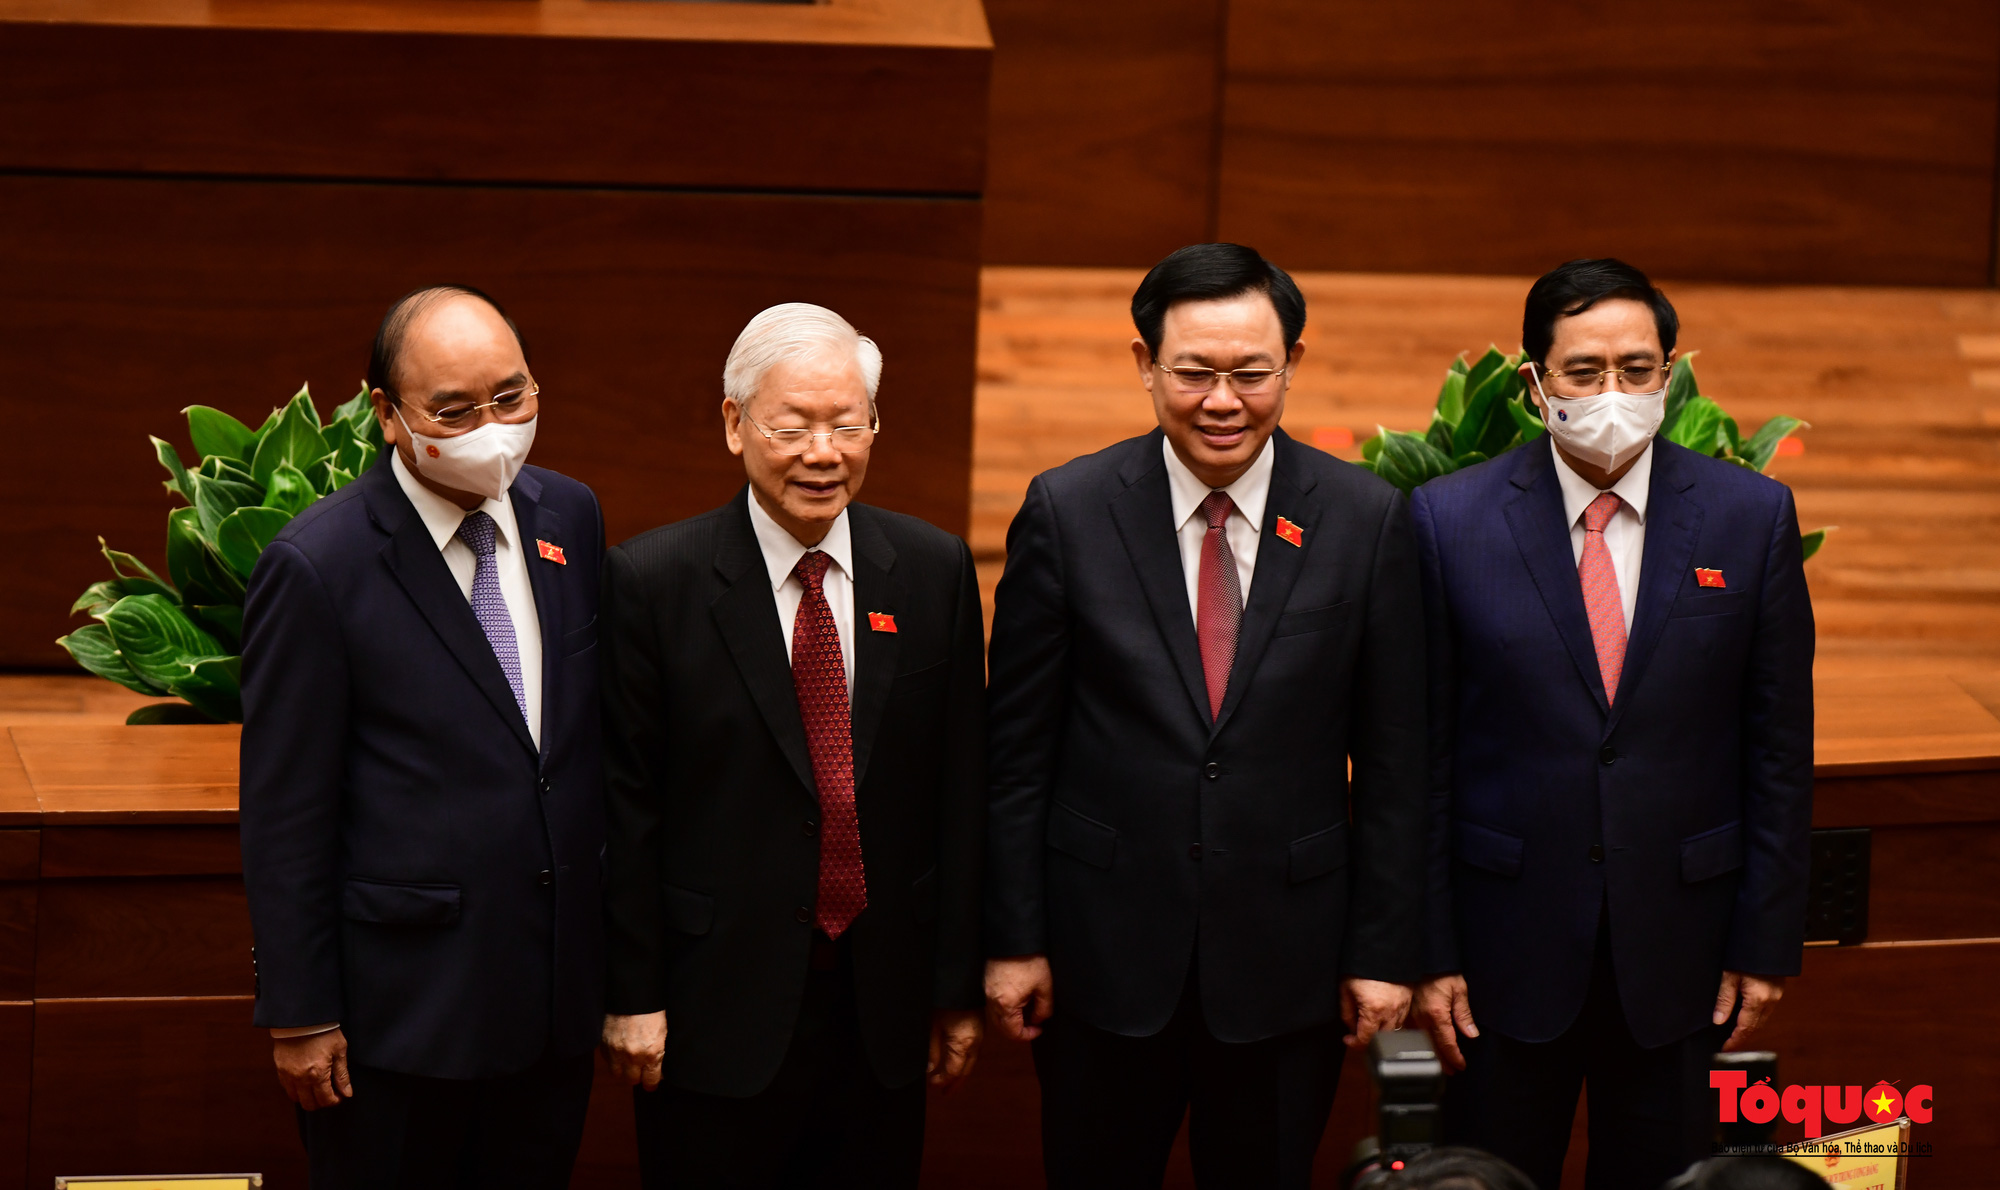 Chùm ảnh: Khai mạc trọng thể Kỳ họp thứ nhất, Quốc hội khóa XV - Ảnh 8.